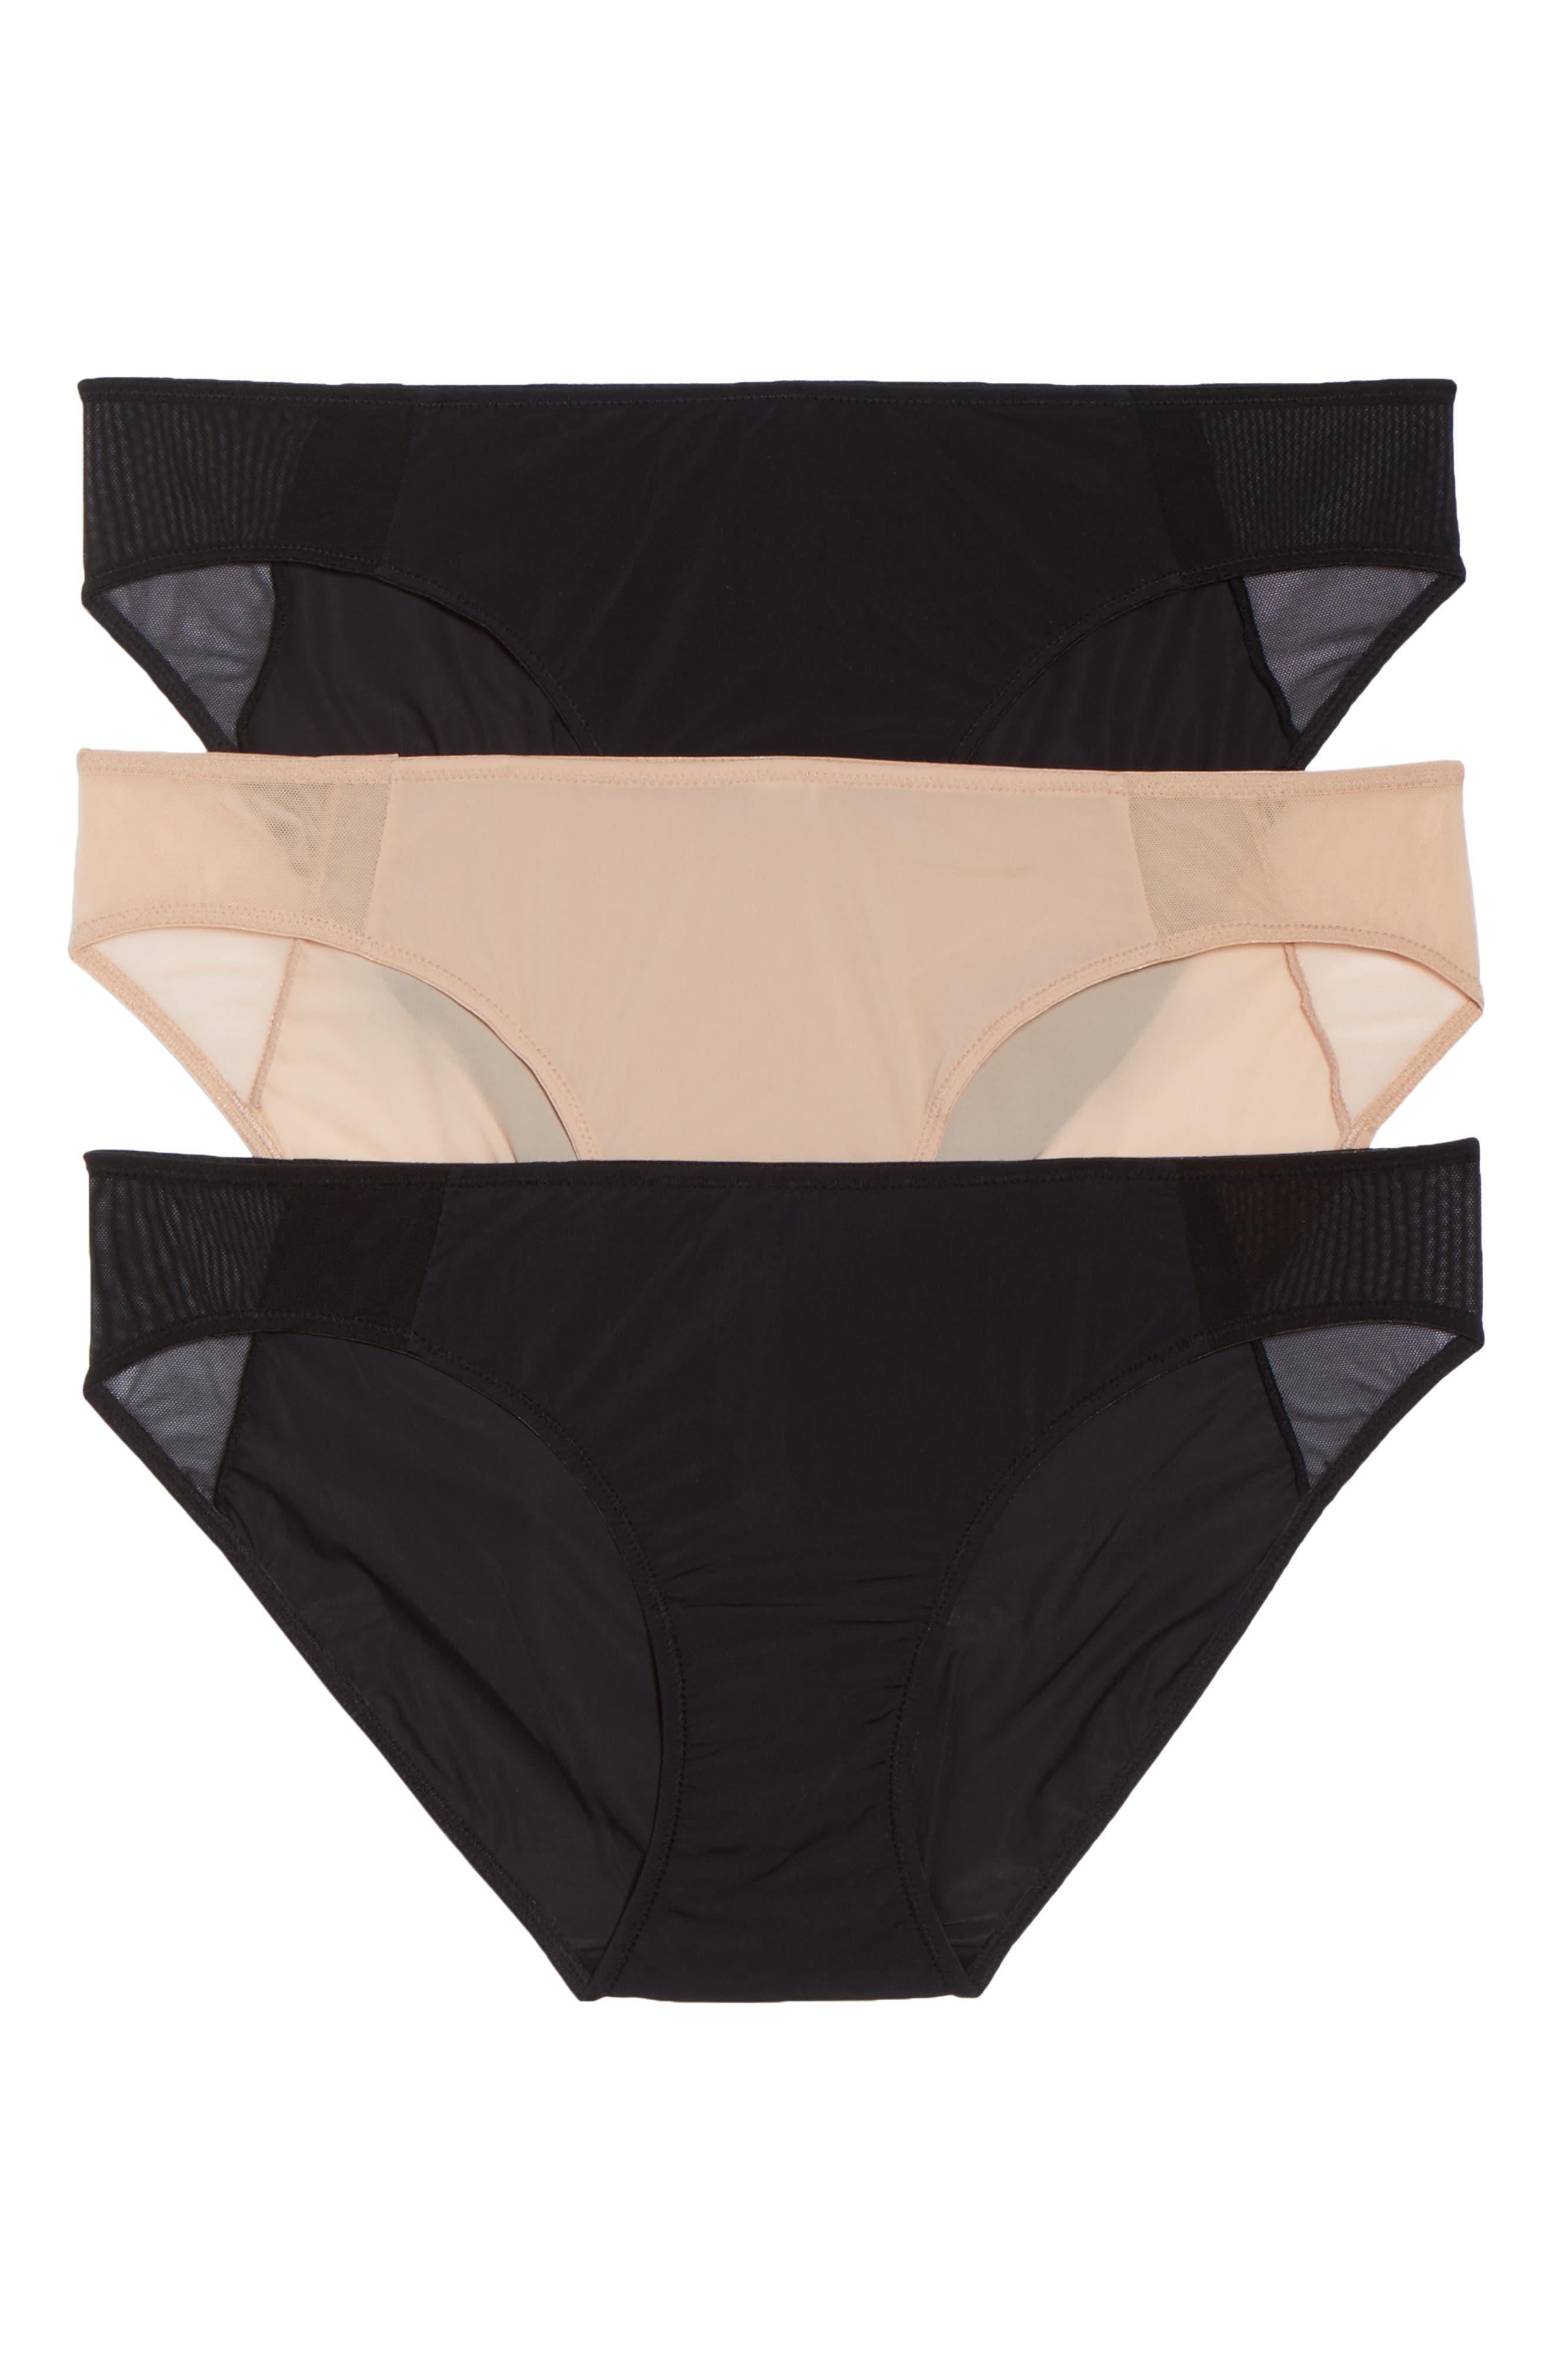 Madewell Skin 3-Pack Bikini